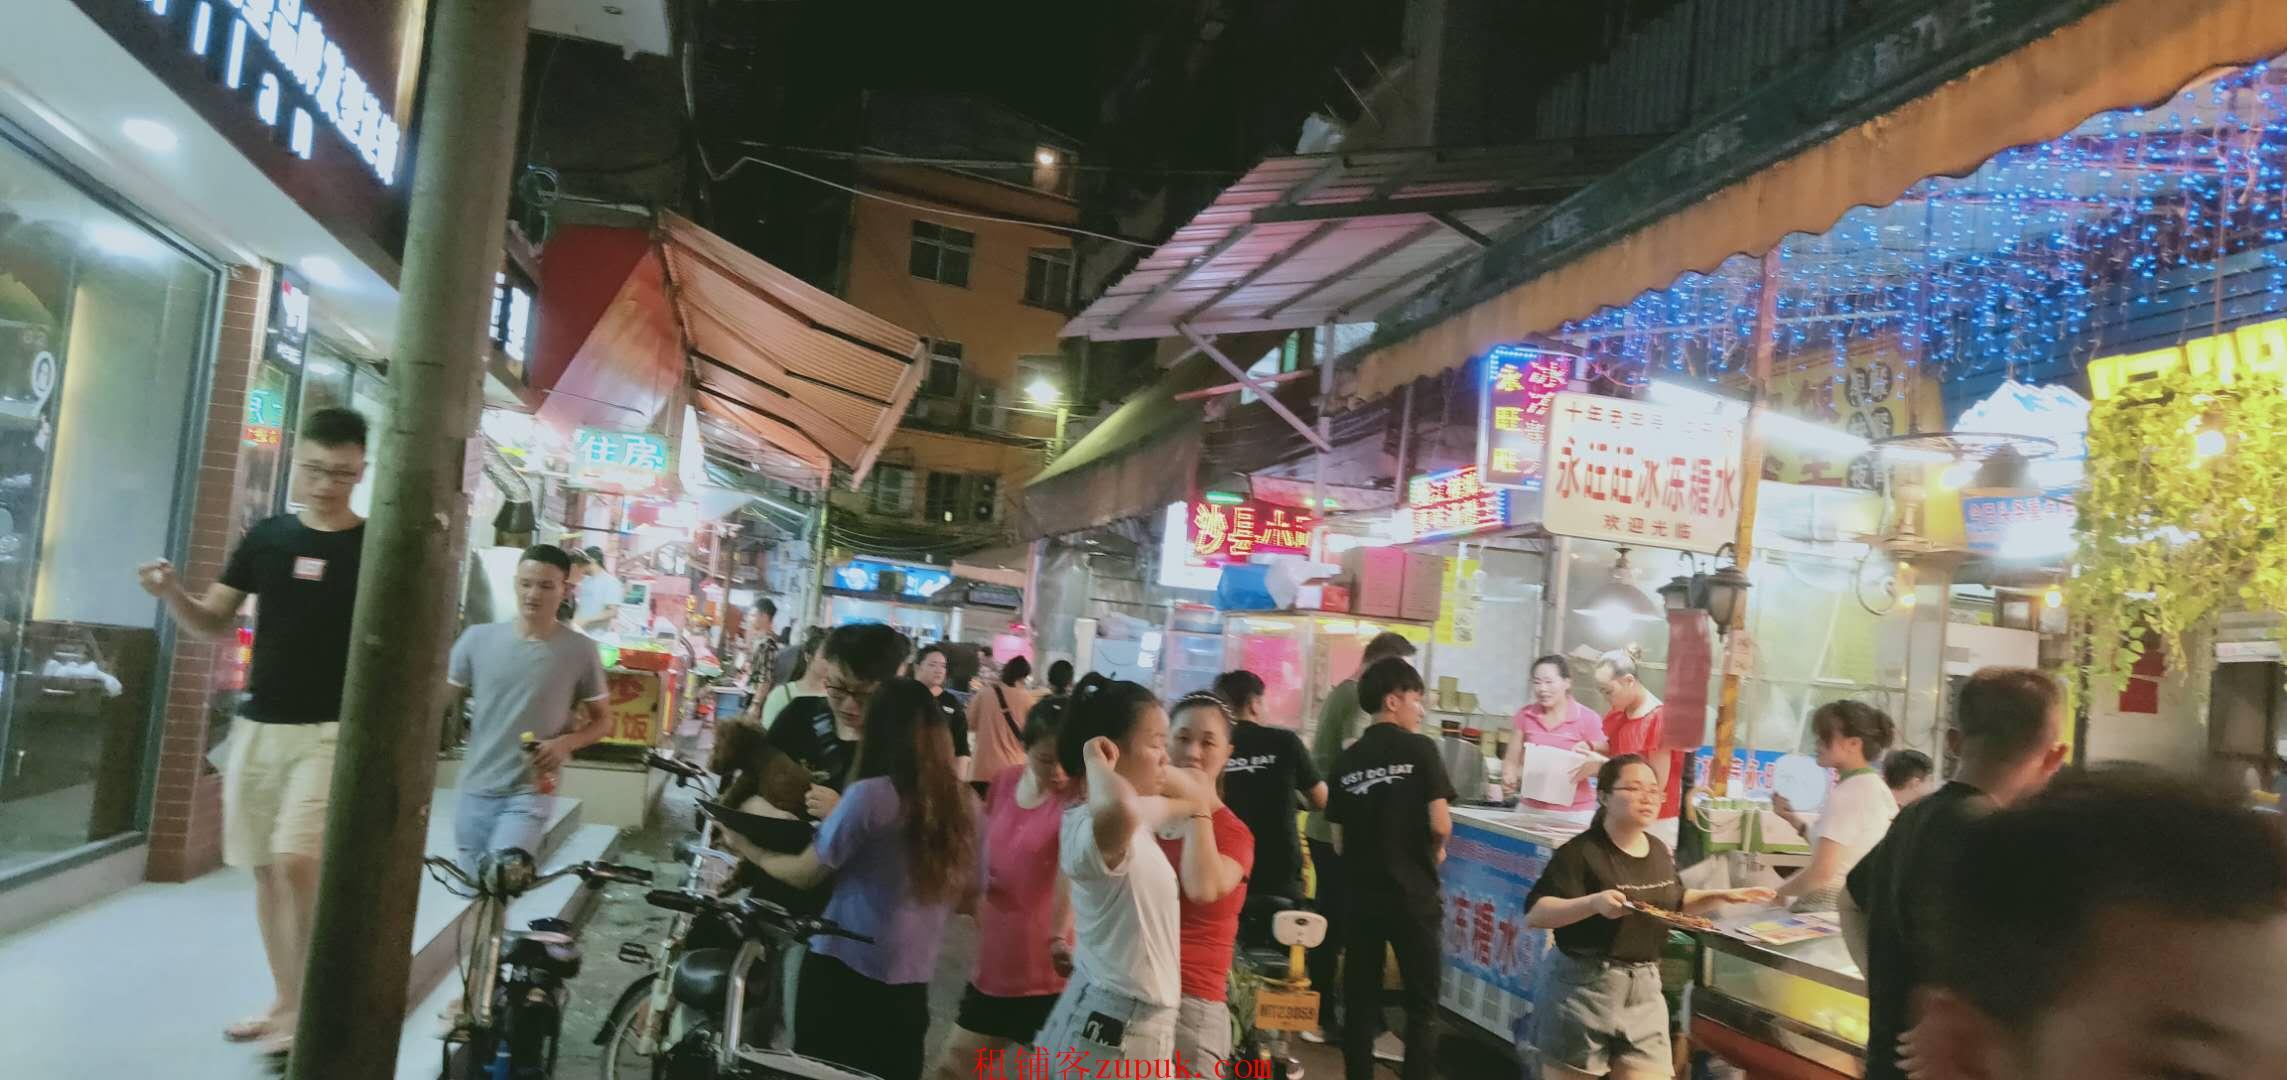 方村,街口小吃街,人超多,门店证照齐全,可各种餐饮